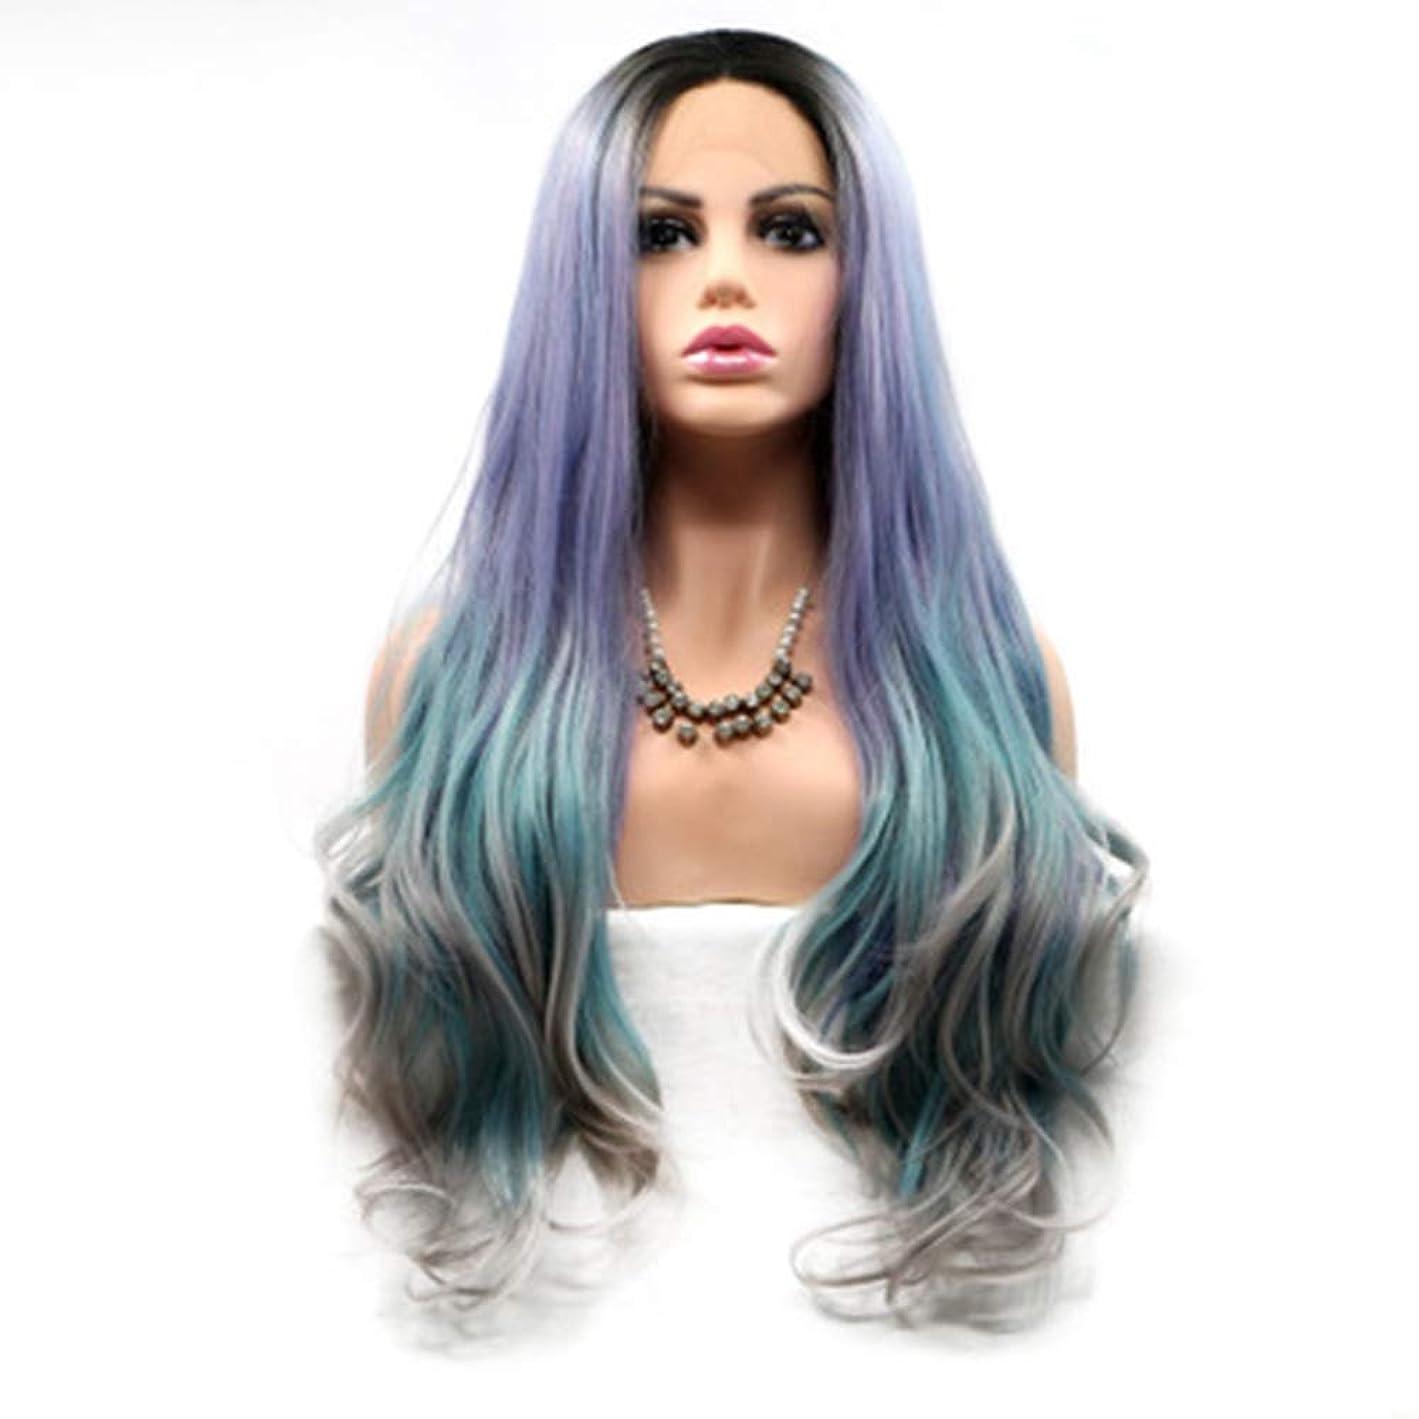 出くわす隔離するキノコZXF マシンの冷却色の混合色の長い髪の巻き毛のかつら高温シルクウィッグの長い髪の後のフロントハンドレース 美しい